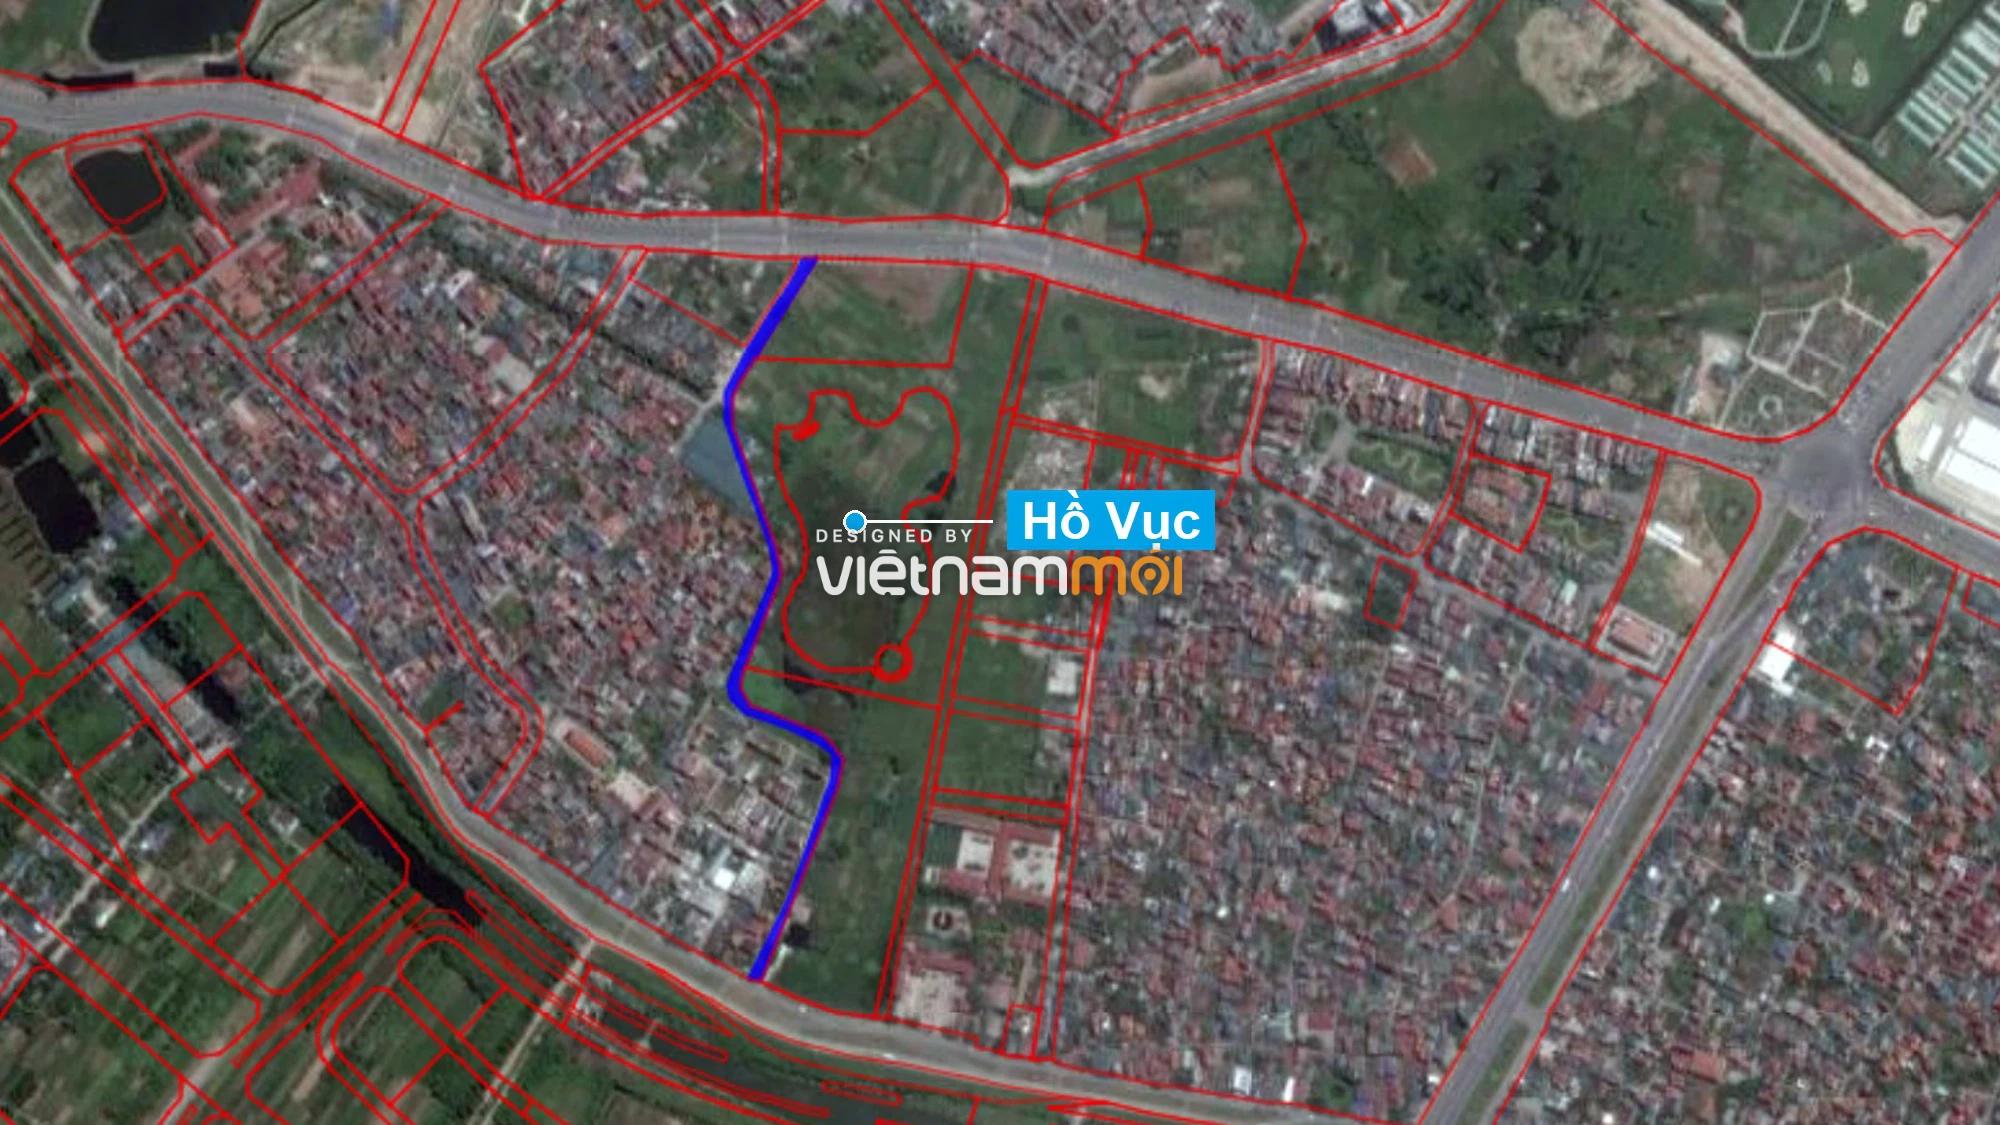 Những khu đất sắp thu hồi để mở đường ở phường Long Biên, Long Biên, Hà Nội (phần 4) - Ảnh 11.